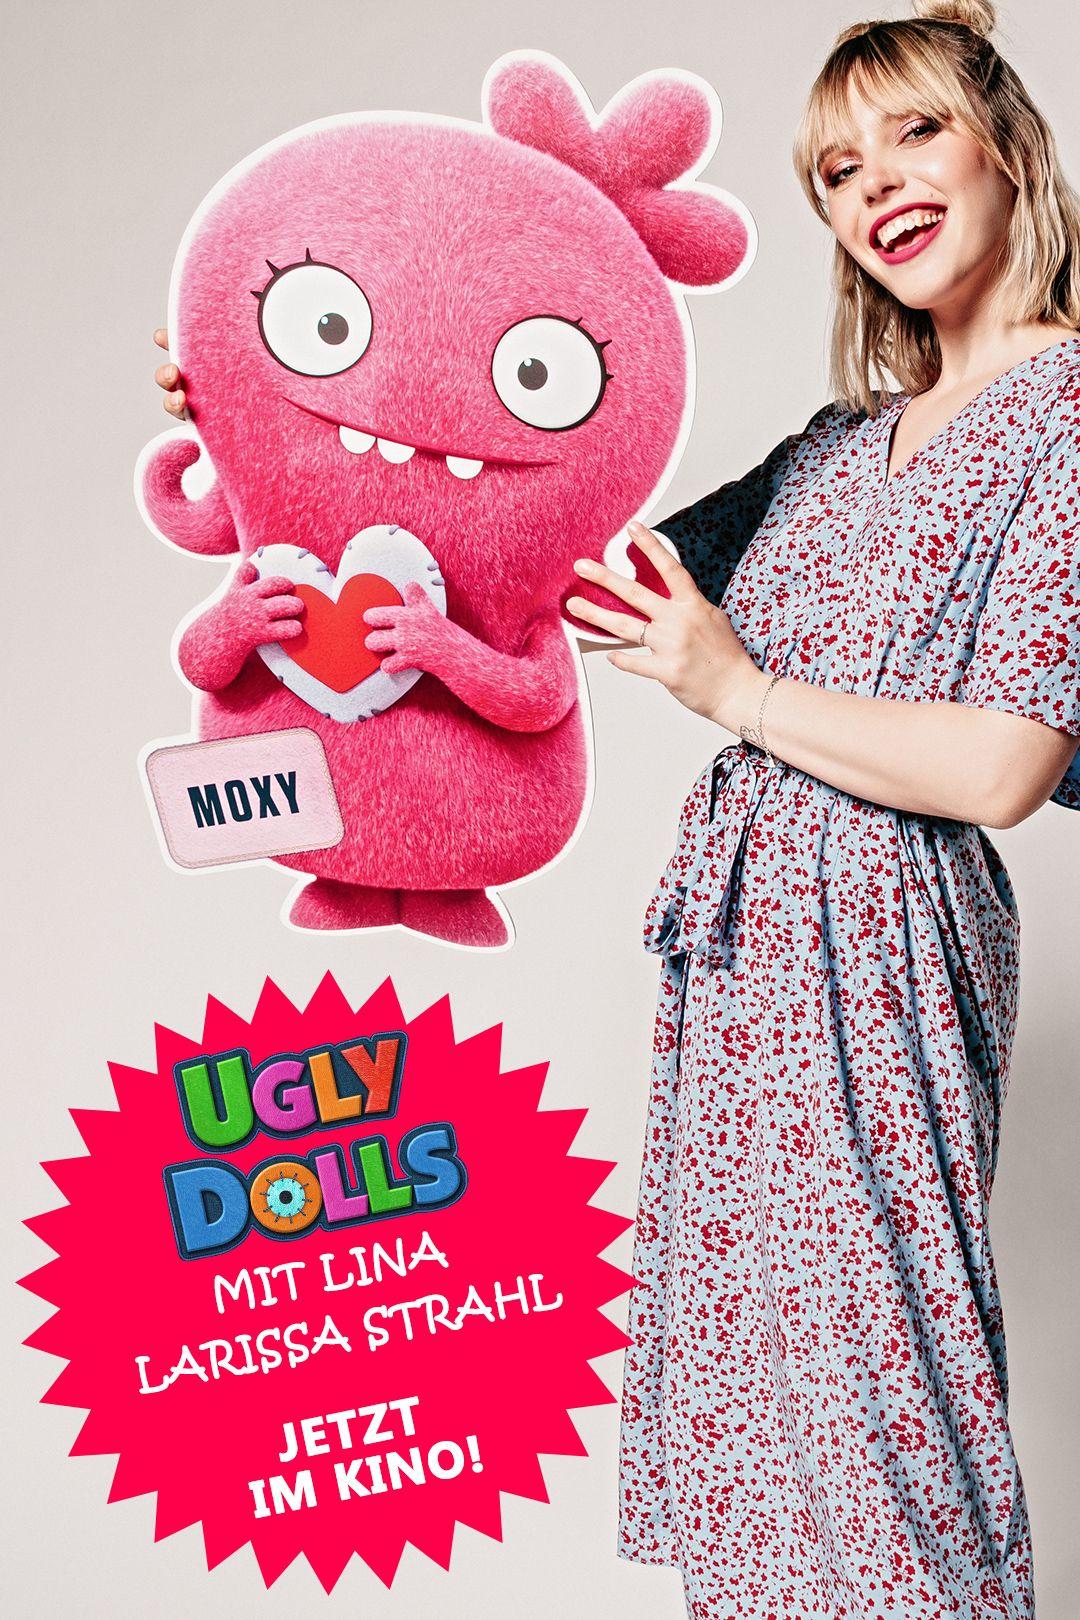 Hier Kommen Die Uglydolls Lina Larissa Strahl Bibi Und Tina Filmplakate